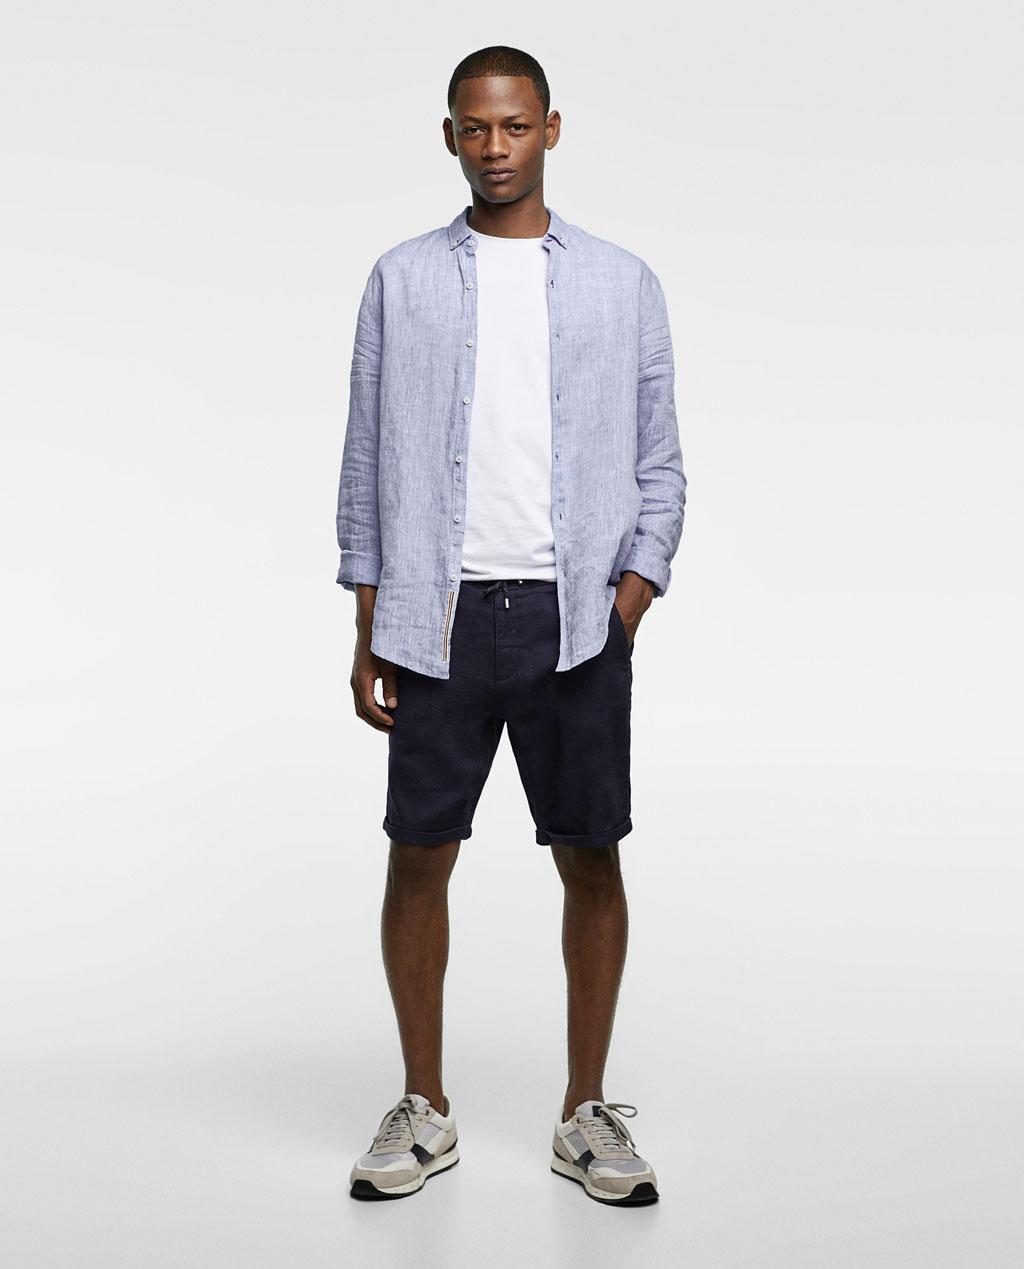 Thời trang nam Zara  23941 - ảnh 3